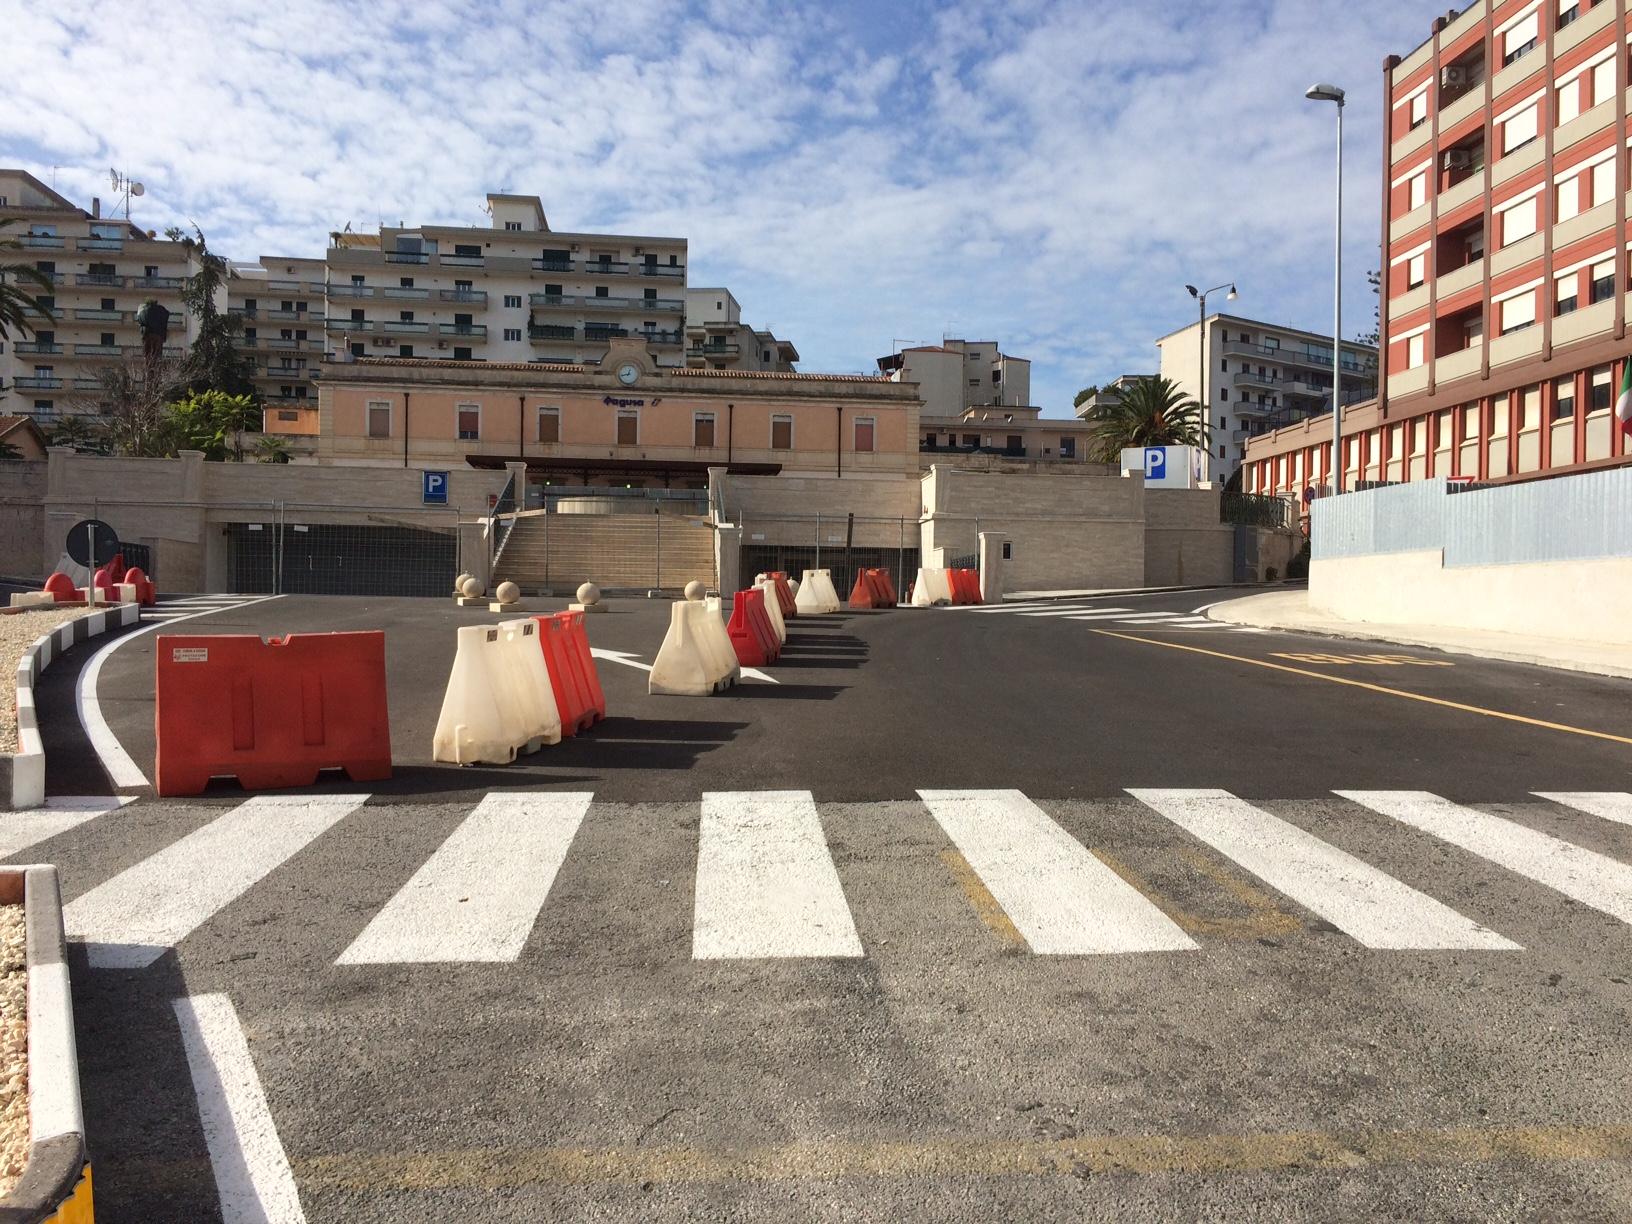 """Morando: """"A Ragusa manca un piano urbano di mobilità"""""""